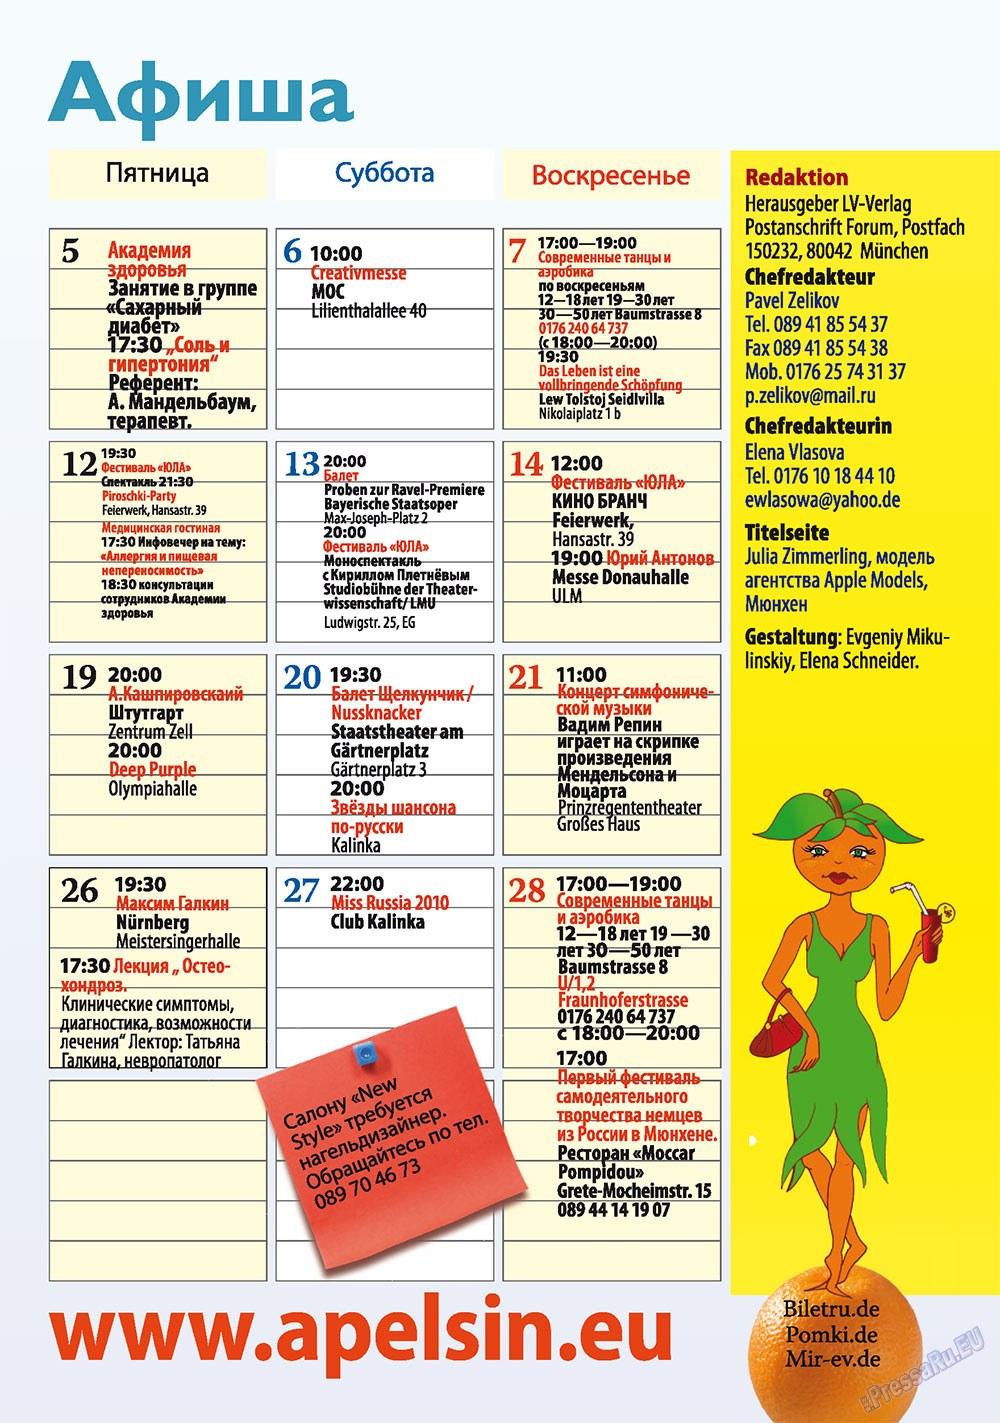 Апельсин (журнал). 2010 год, номер 16, стр. 19